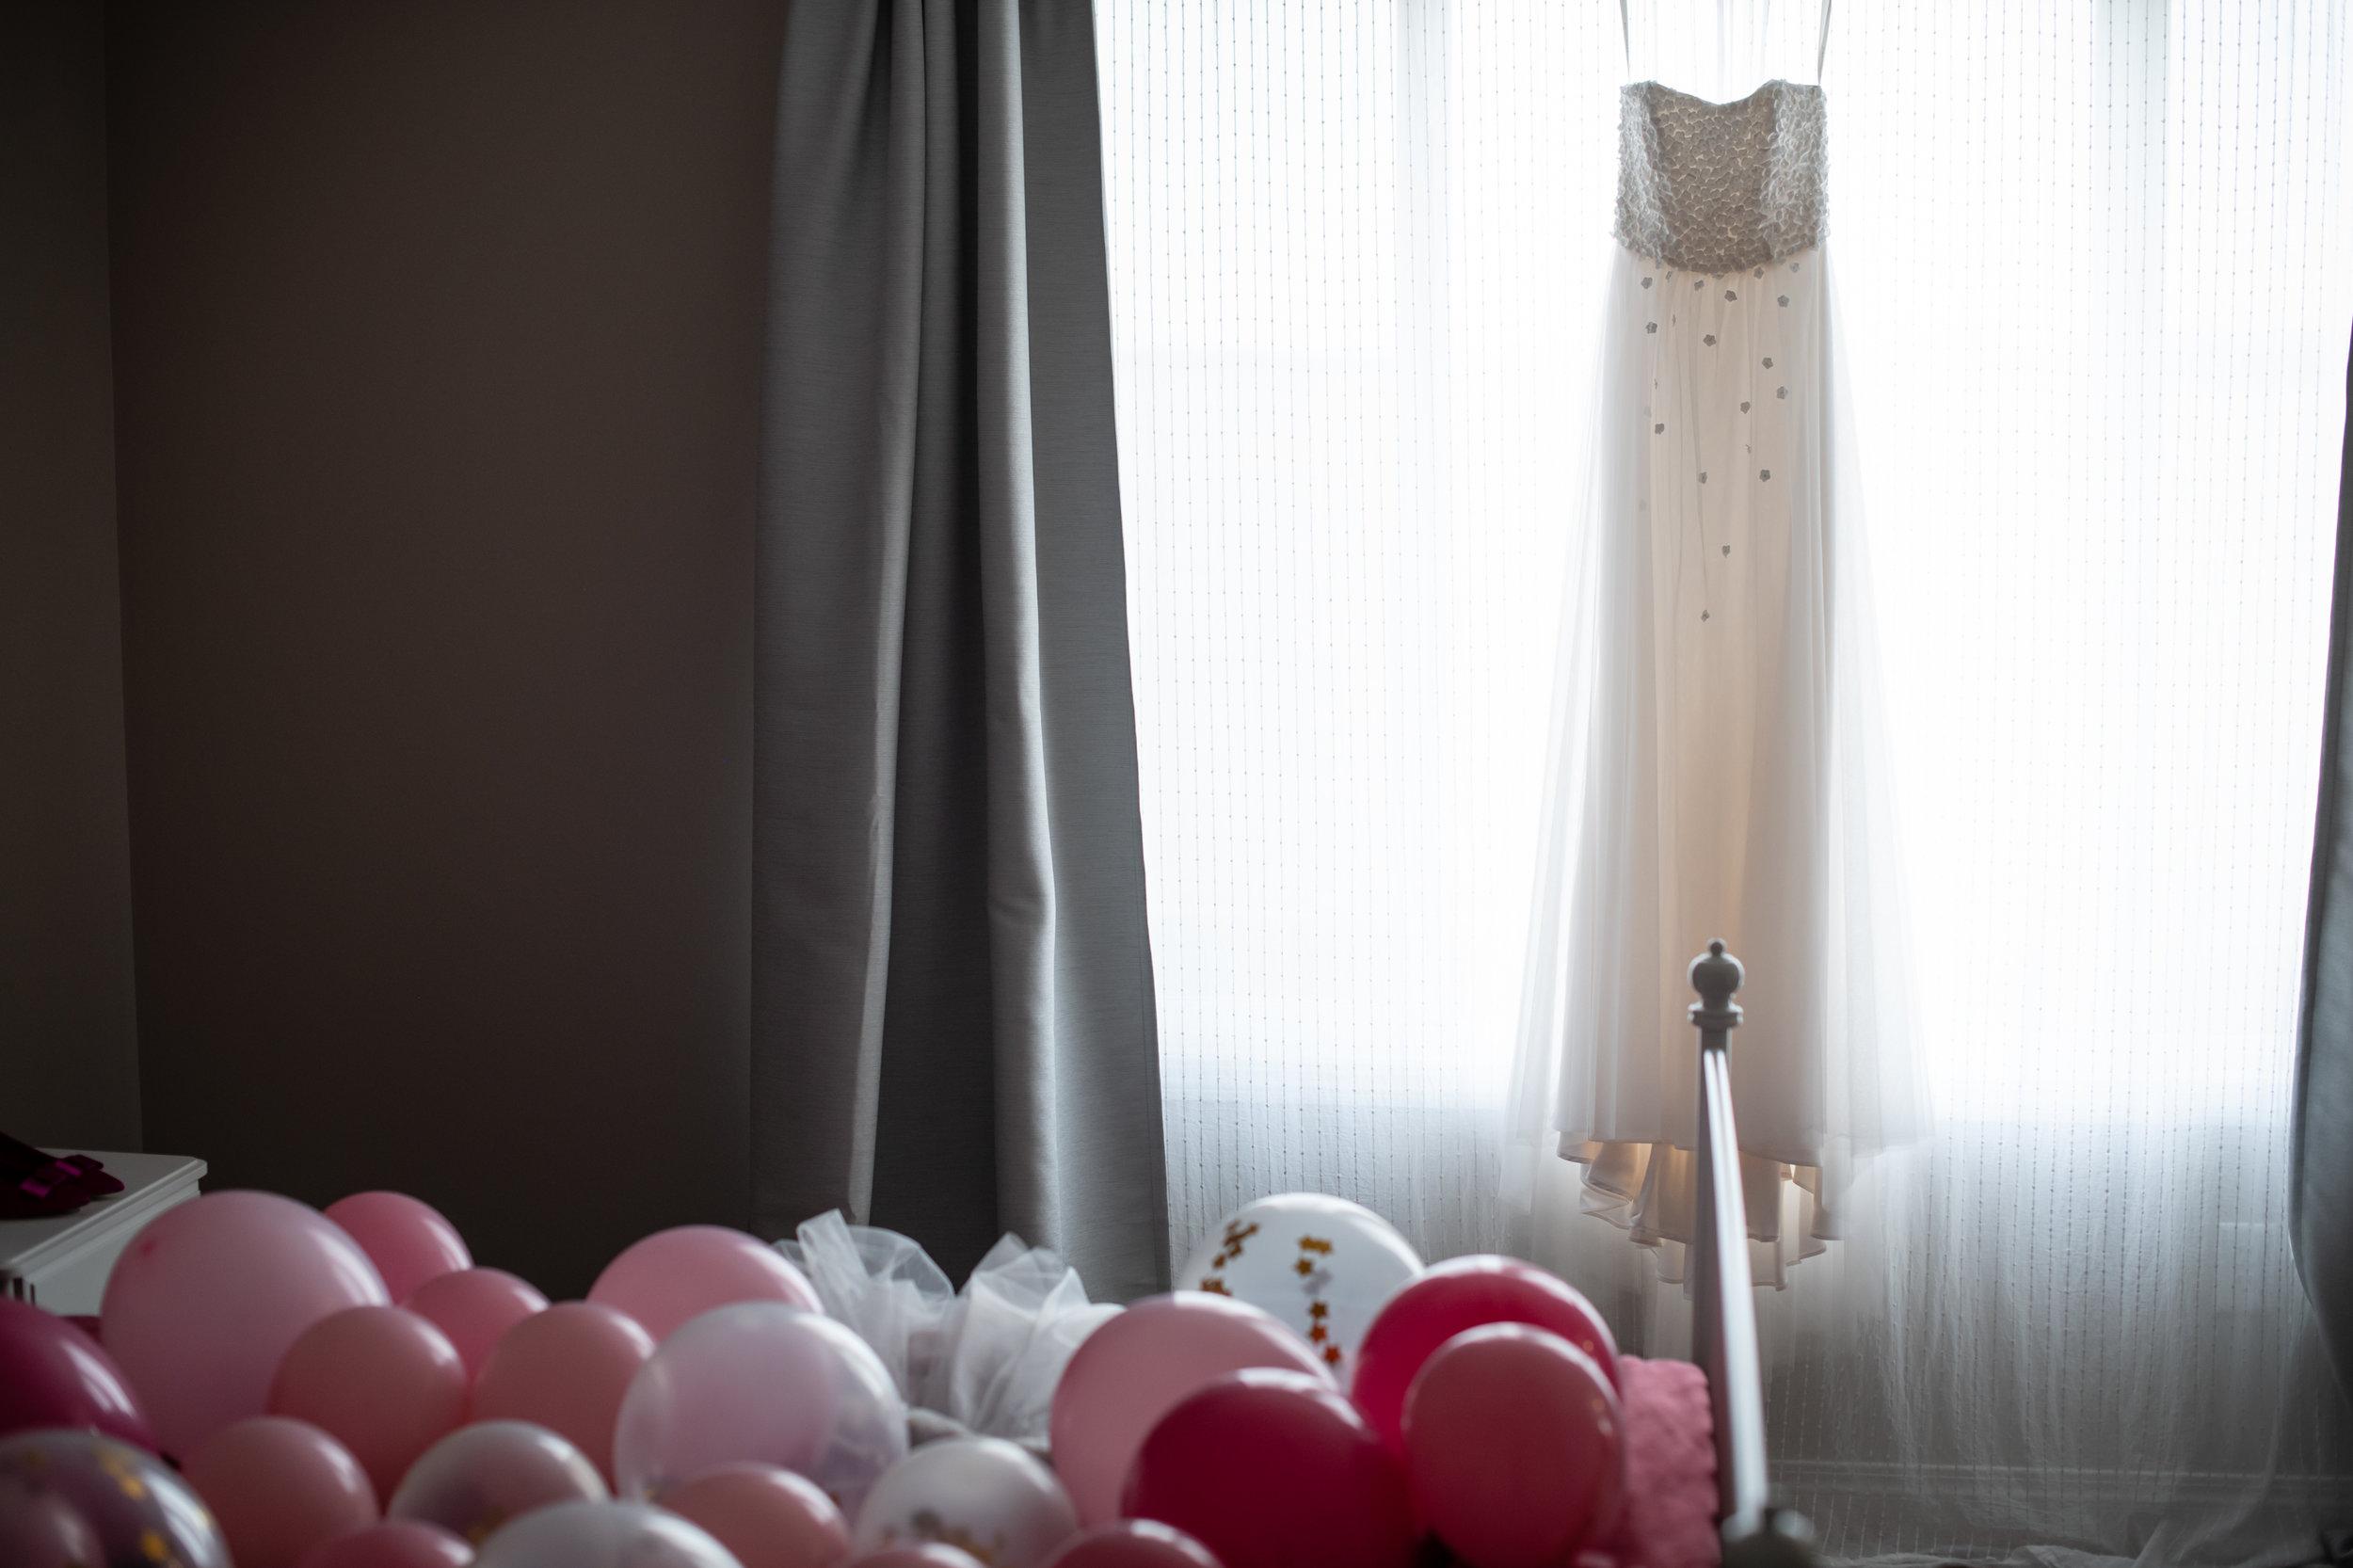 Selina_Chris_Wedding_Sneak_Peek_001.jpg